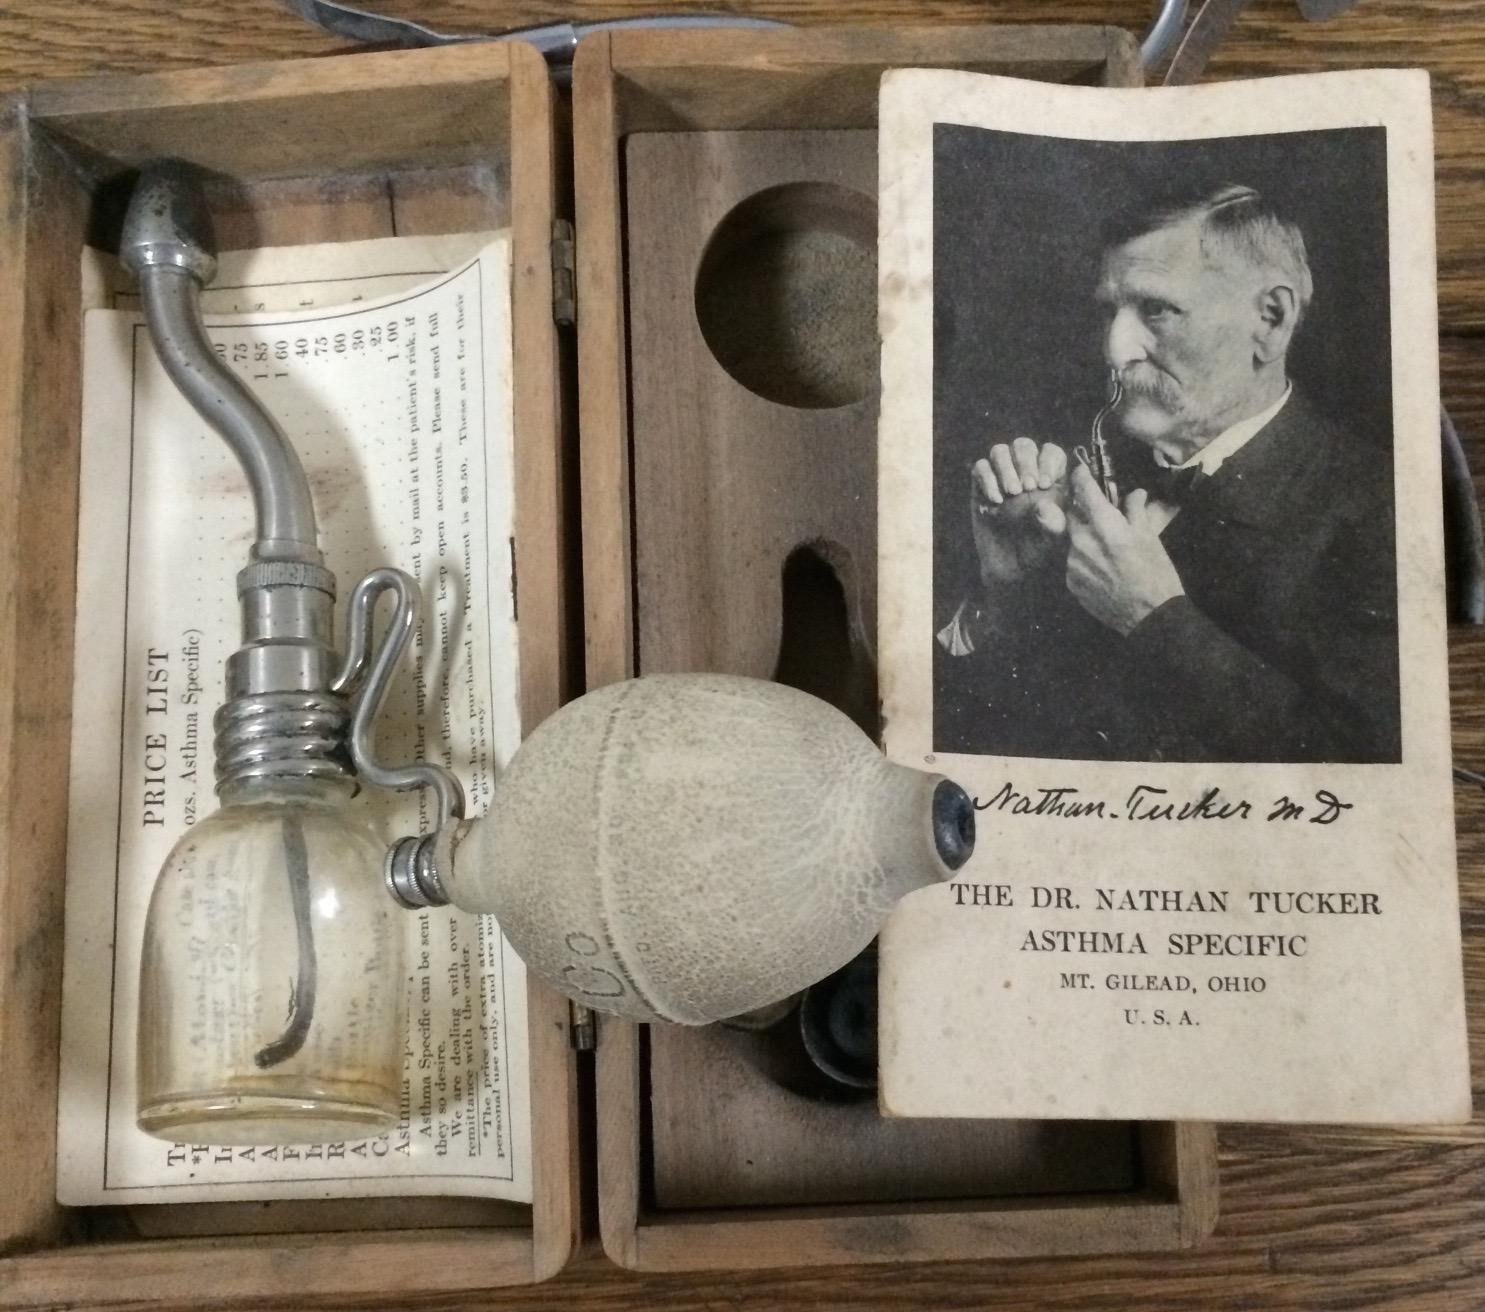 1889 Asthma Specific Inhaler